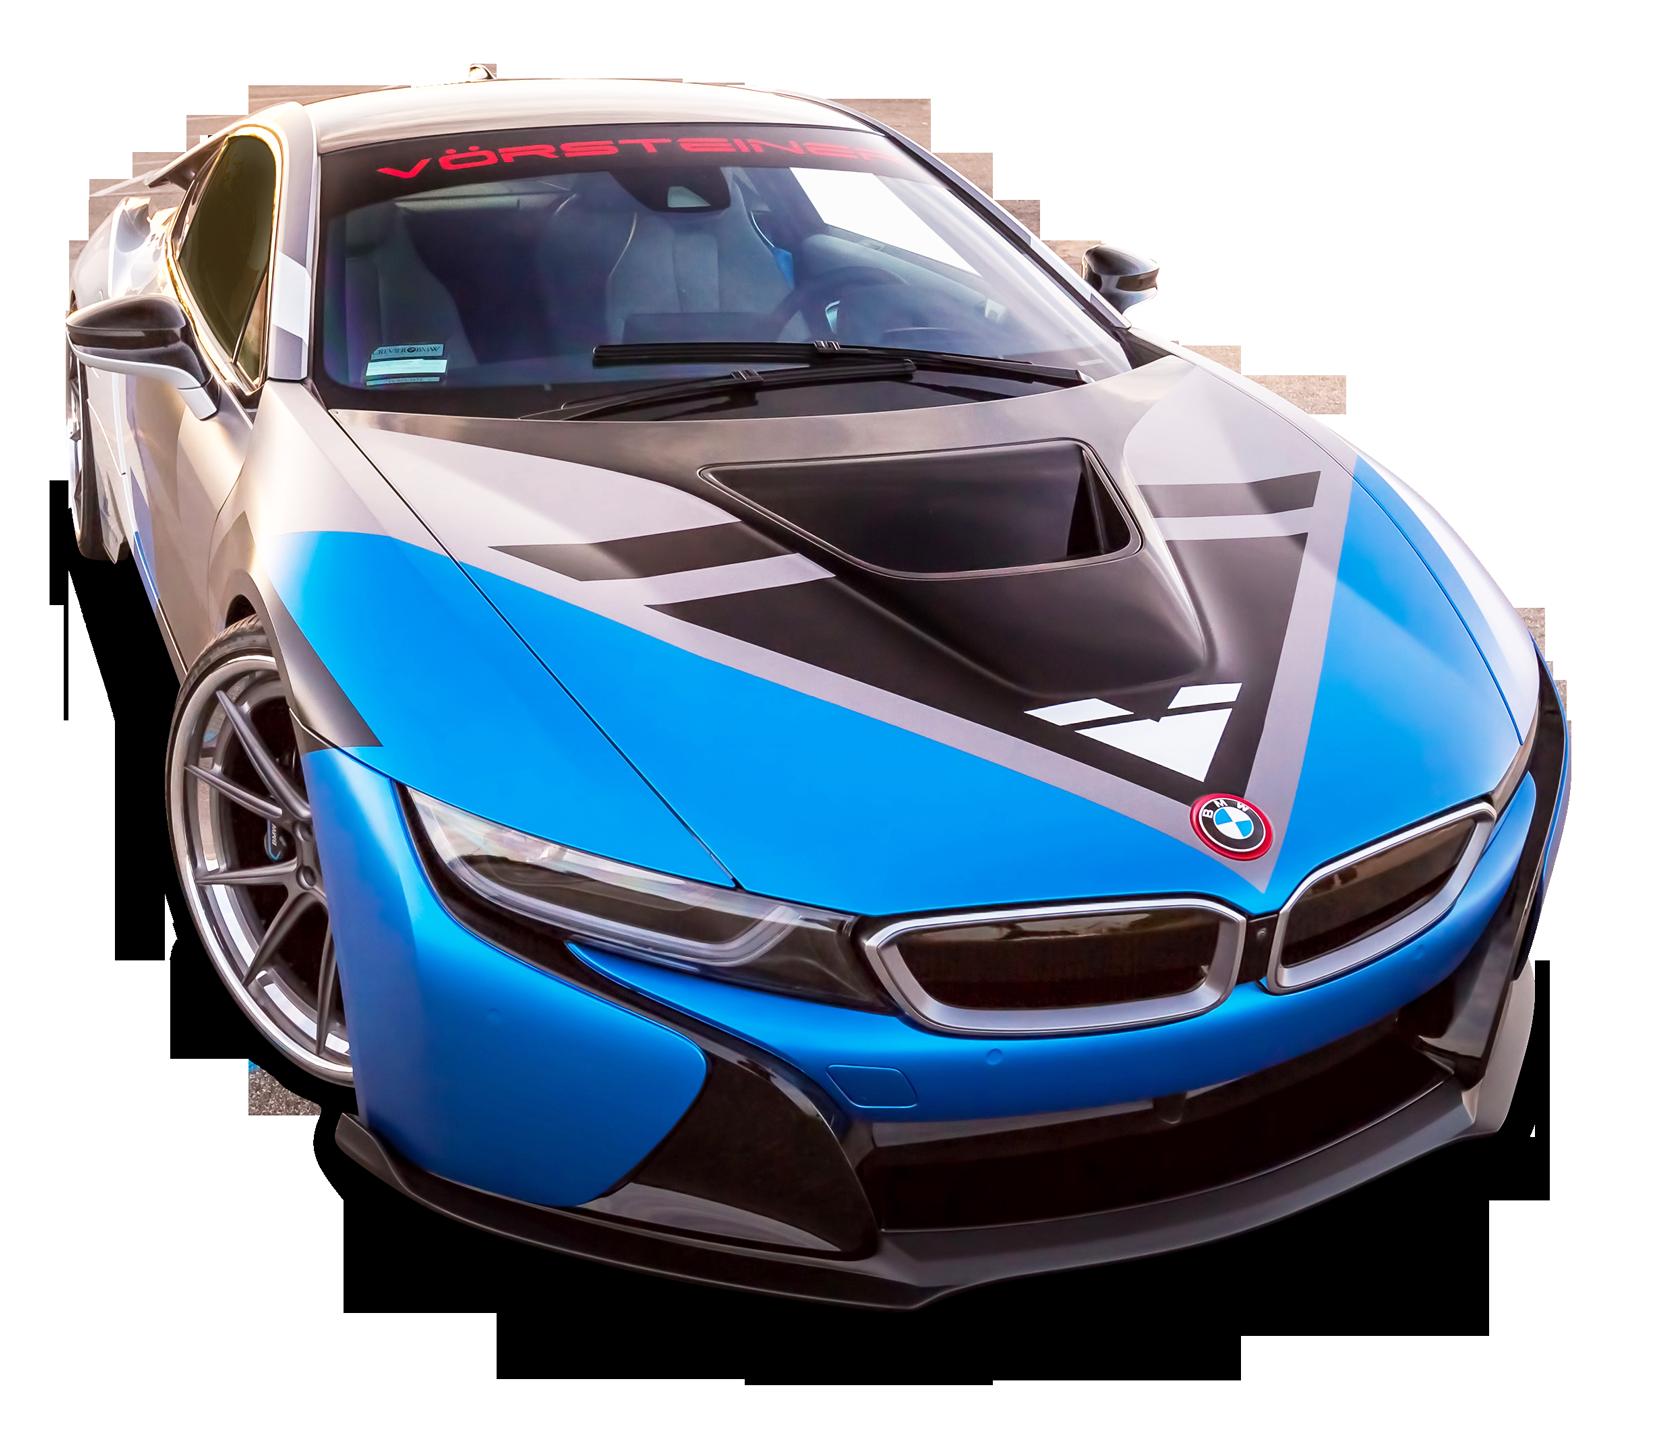 Vorsteiner Bmw I8 Vr E Blue Car Png Image Purepng Free